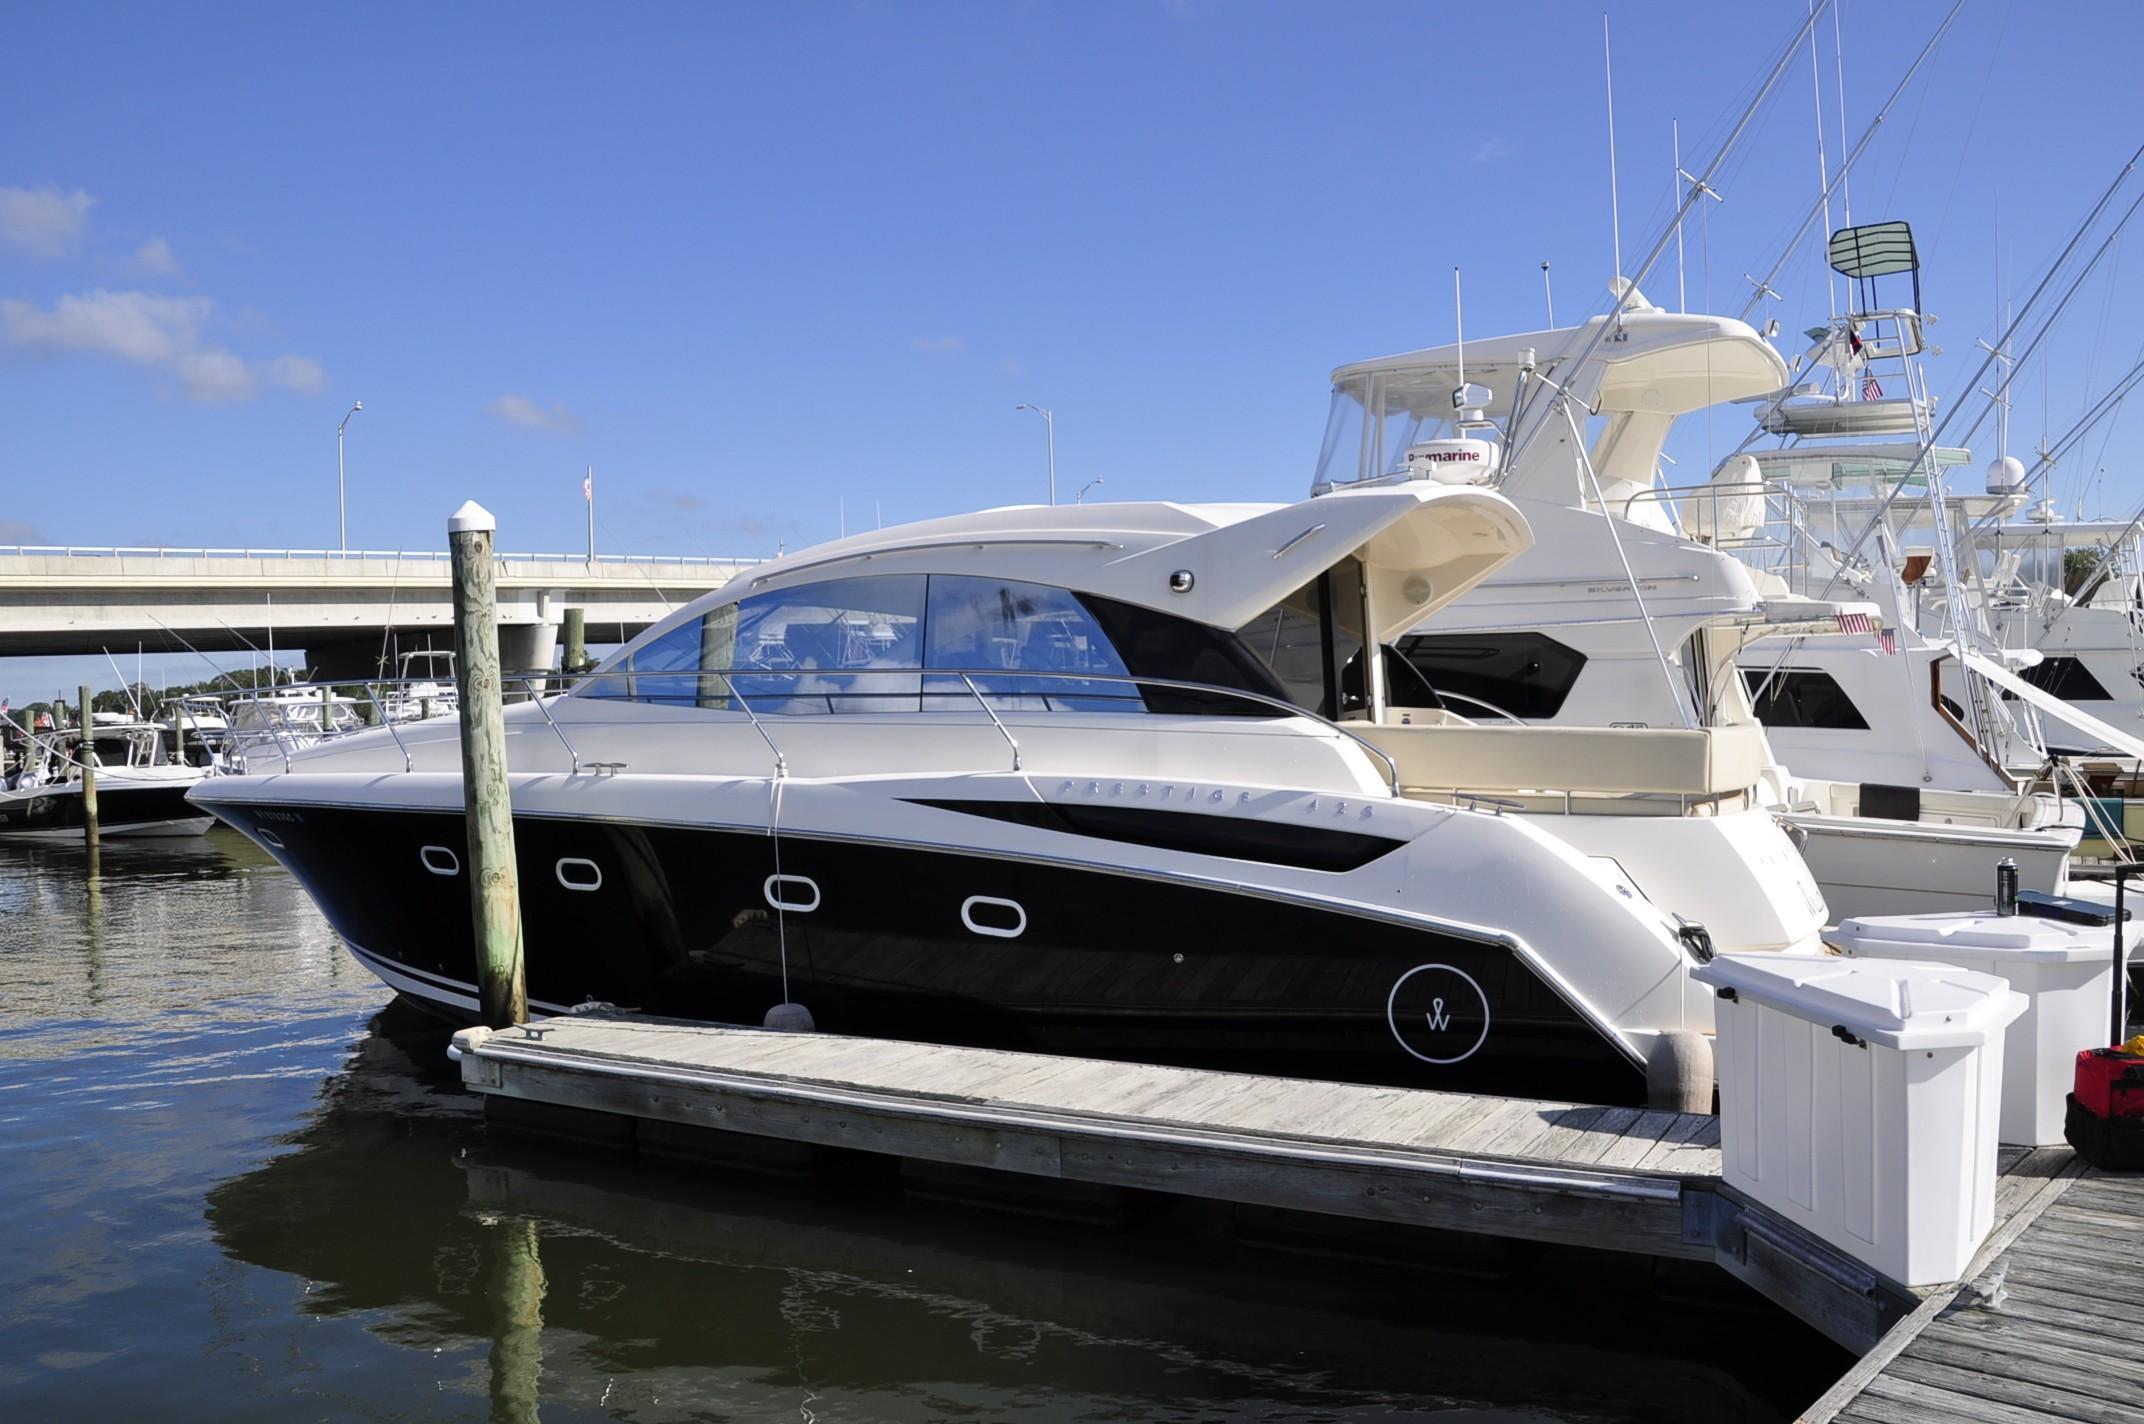 44 Prestige Lazar D 2009 Ile Au Noix Denison Yacht Sales